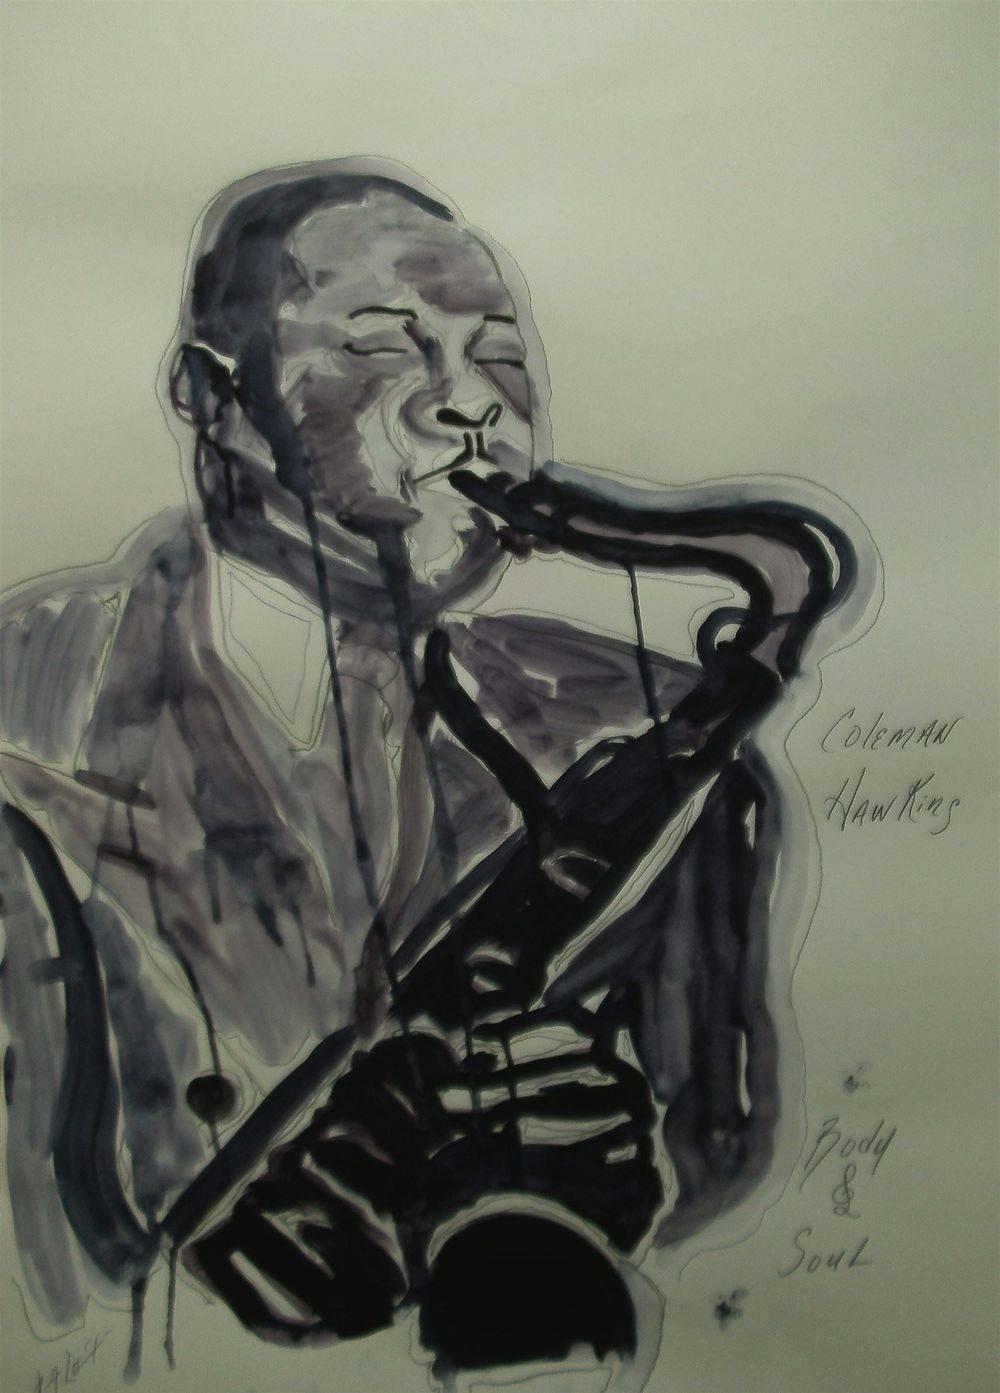 Coleman : Jazz